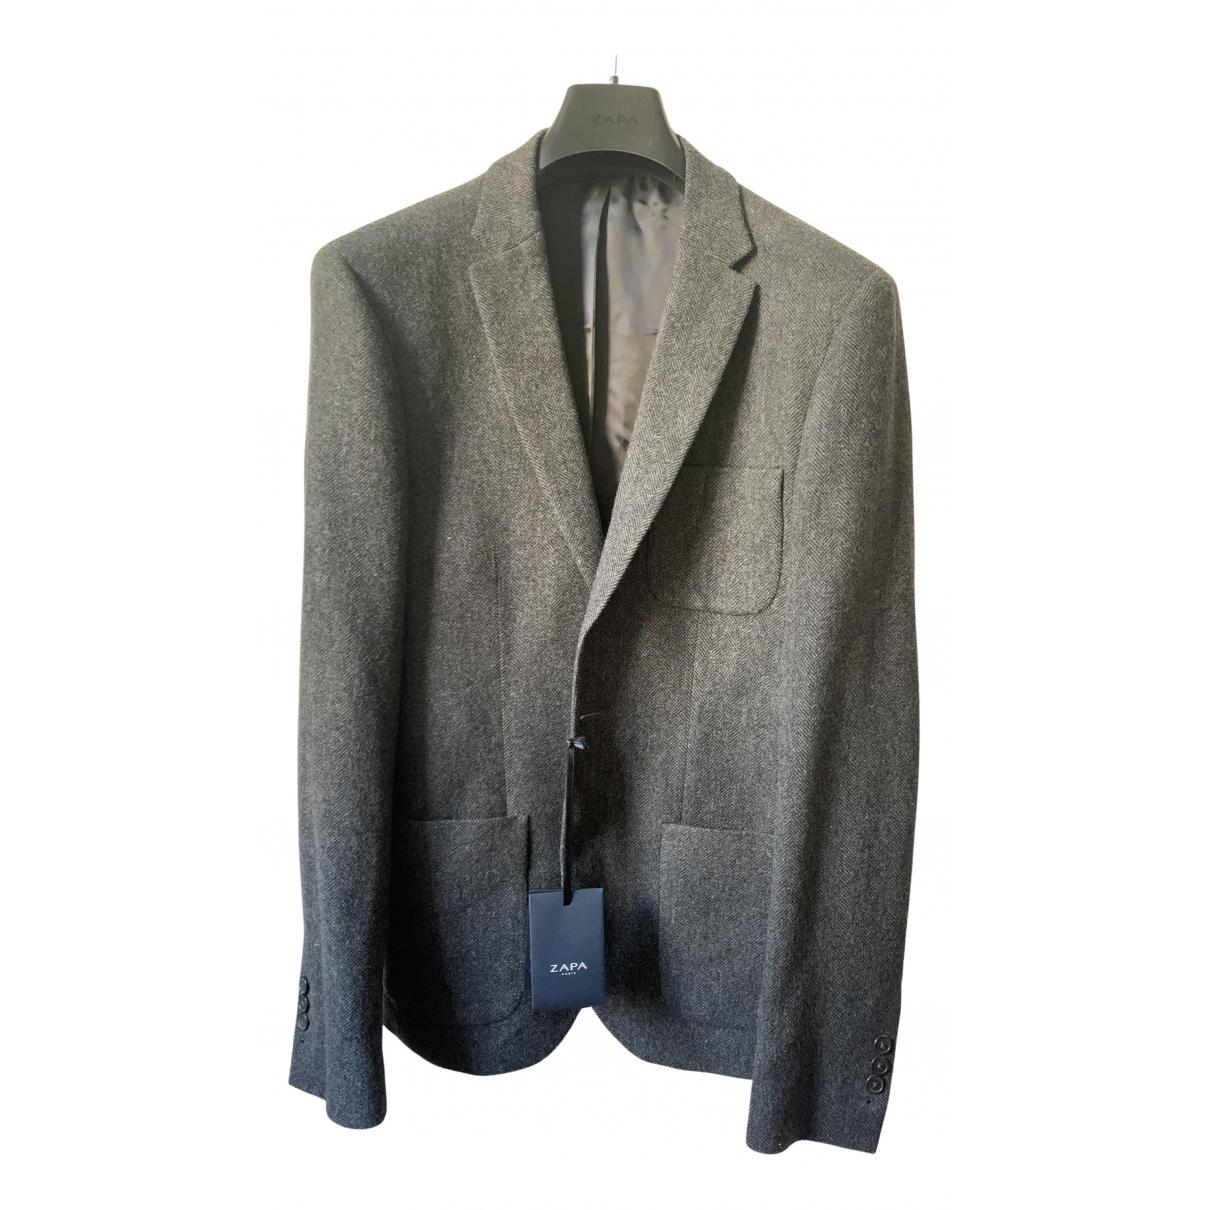 Zapa - Costumes   pour homme en laine - gris